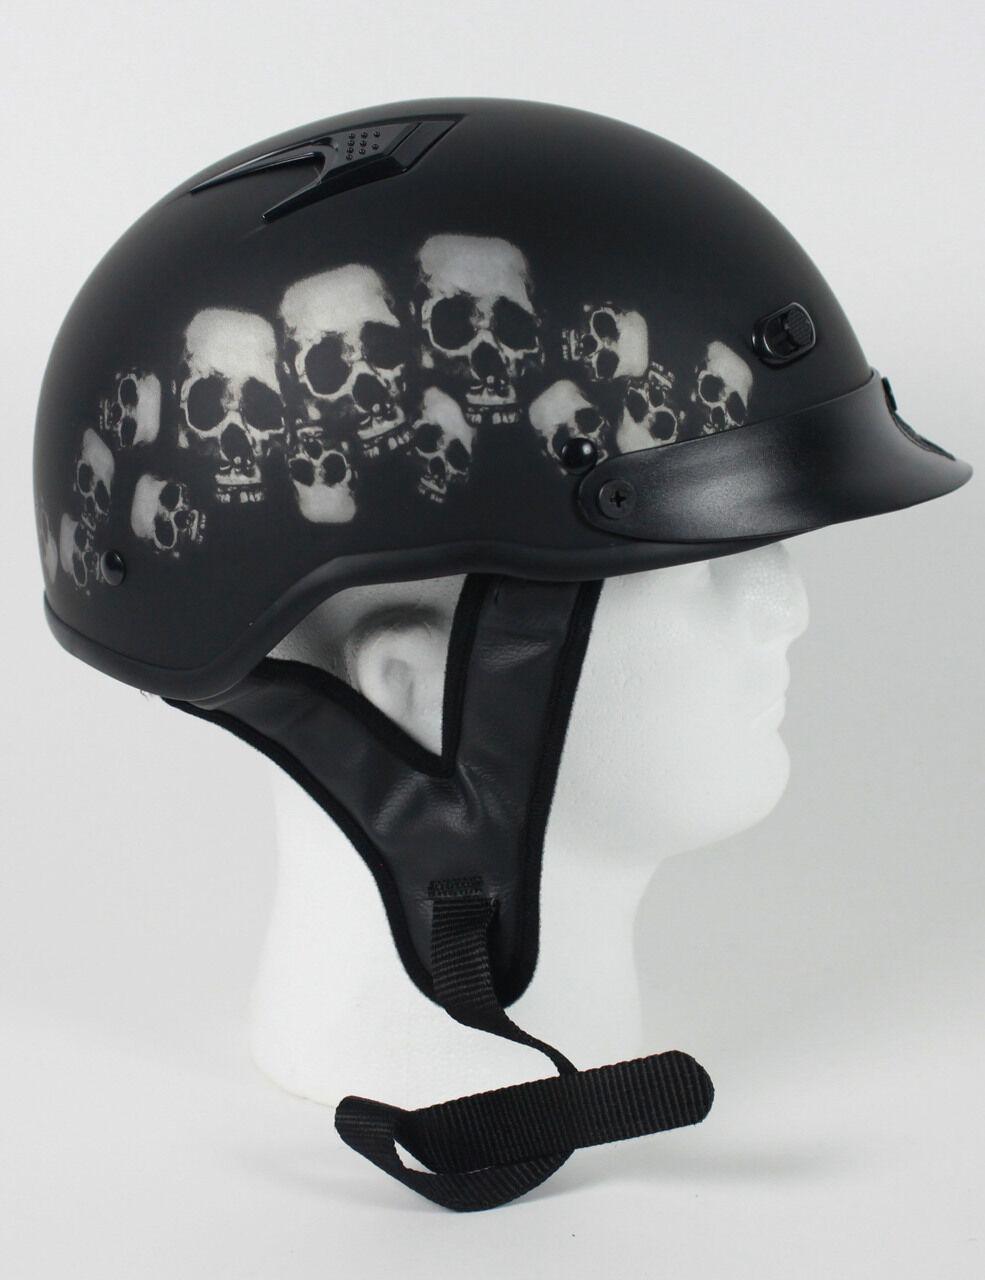 Pila de moto cráneo D.o.t con ventilación mitad casco Beanie cascos shorty Encendedor Nuevo